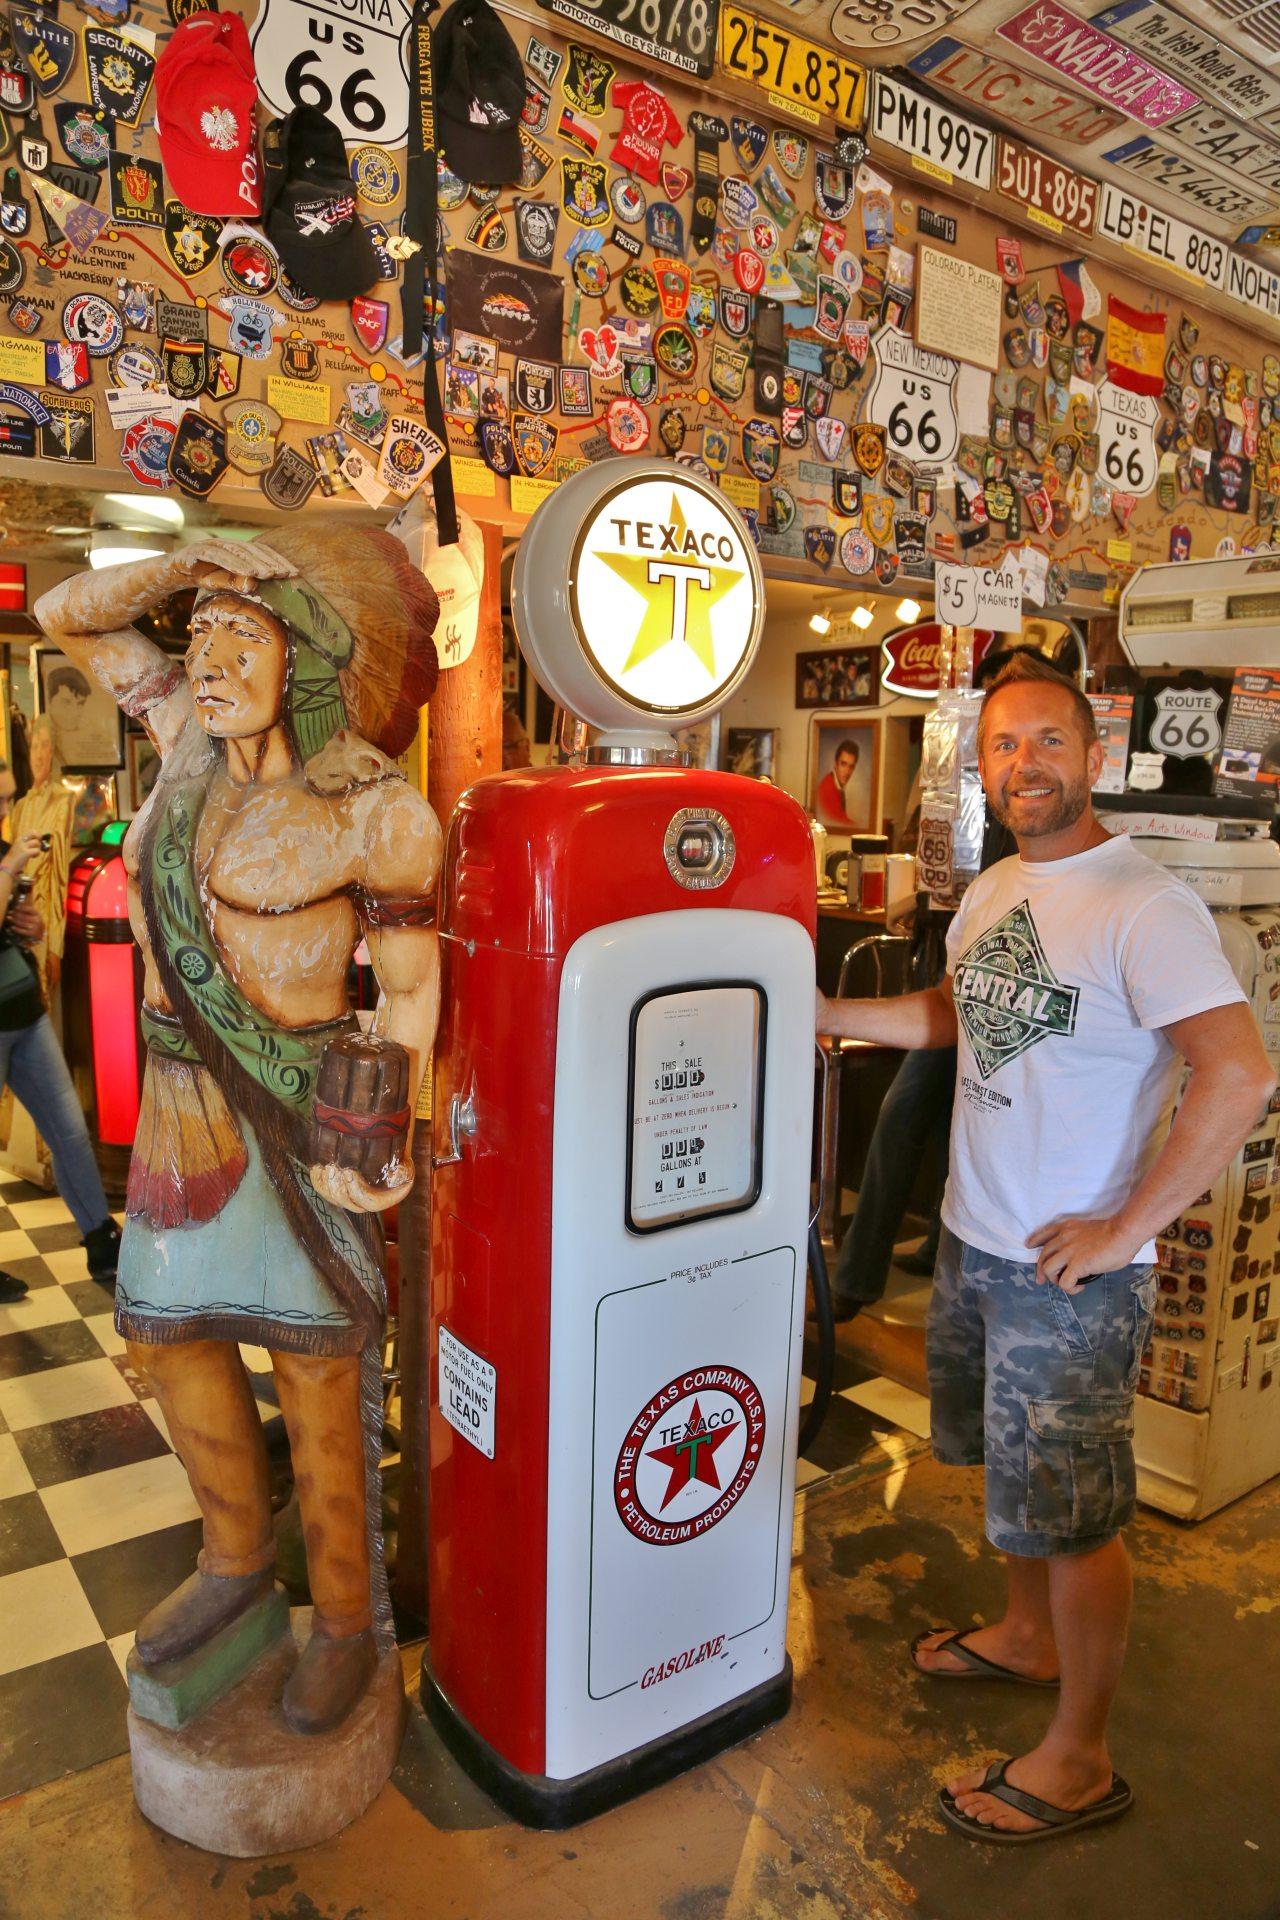 Alles was das Route 66 Herz begehrt gibts im Hackberry General Store - Arizona, Figur, Hackberry, Hackberry General Store, Häuptling, Indianer, Kennzeichen, Leuchtschild, Personen, Portrait, Porträt, Route 66, Schilder, Skulptur, Souvenierladen, Statue, Tafeln, Texaco, Zapfsäule - WEISSINGER Andreas - (Hackberry, Arizona, Vereinigte Staaten)